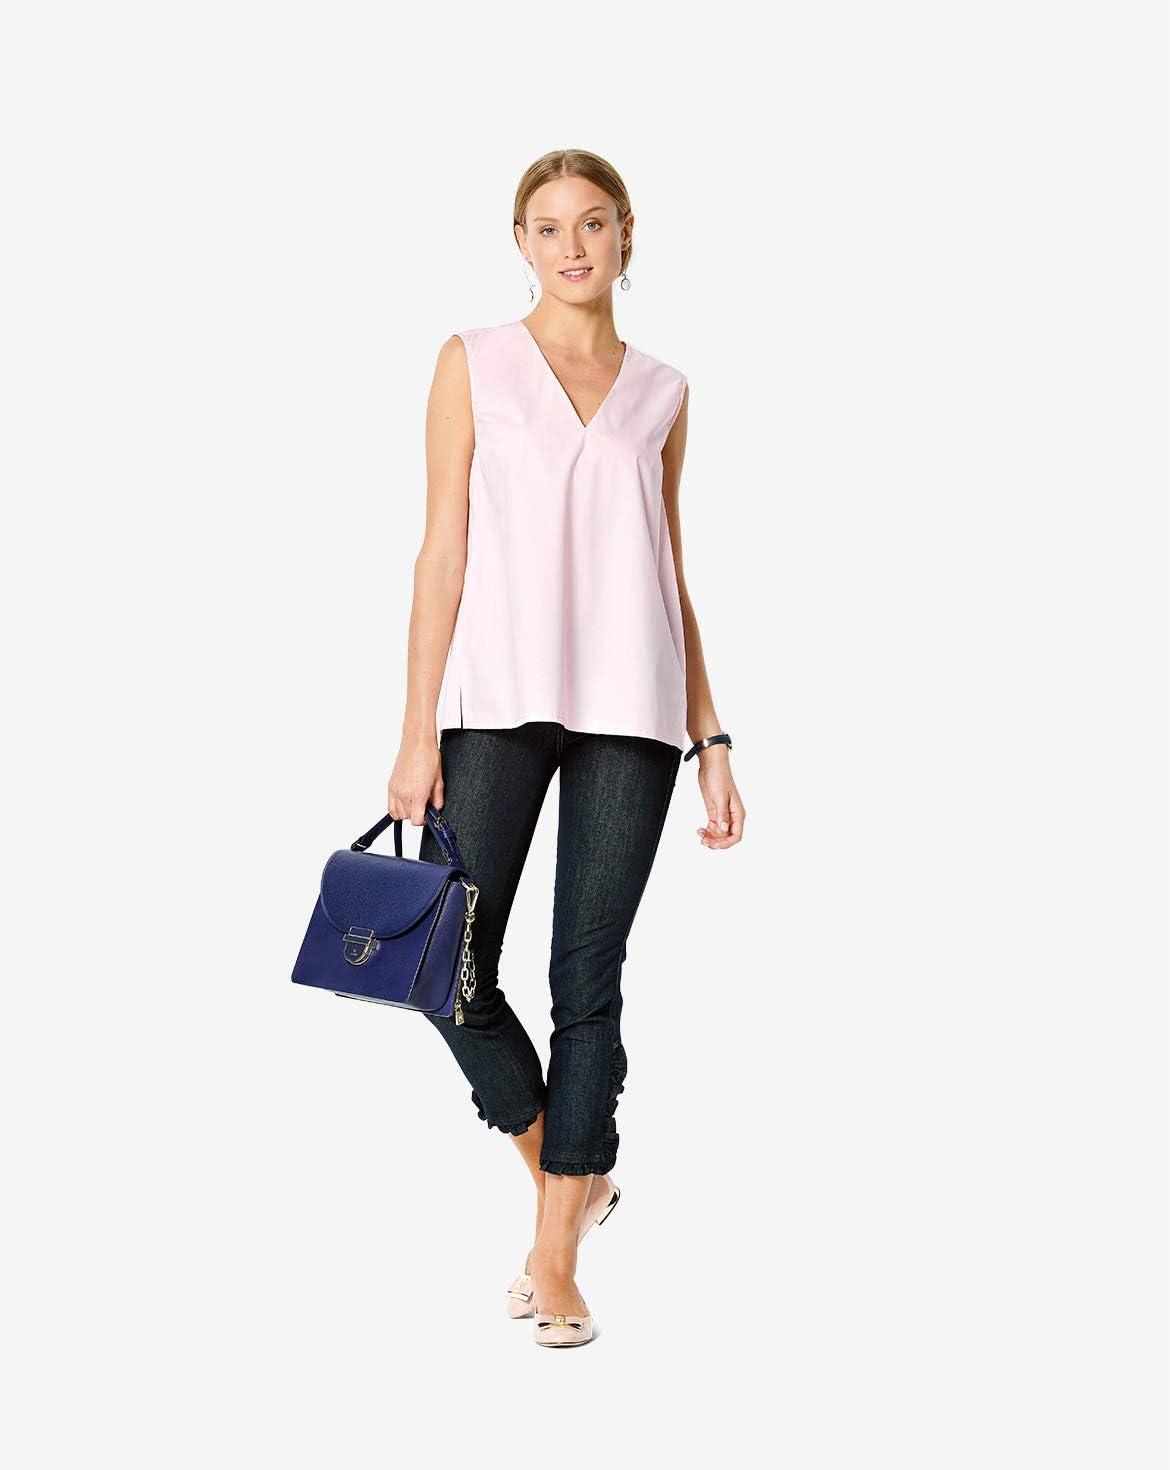 Femme Taille 34-44 Burda Patron de couture 6234 Blouse /à coudre soi-m/ême Niveau 2 pour d/ébutants